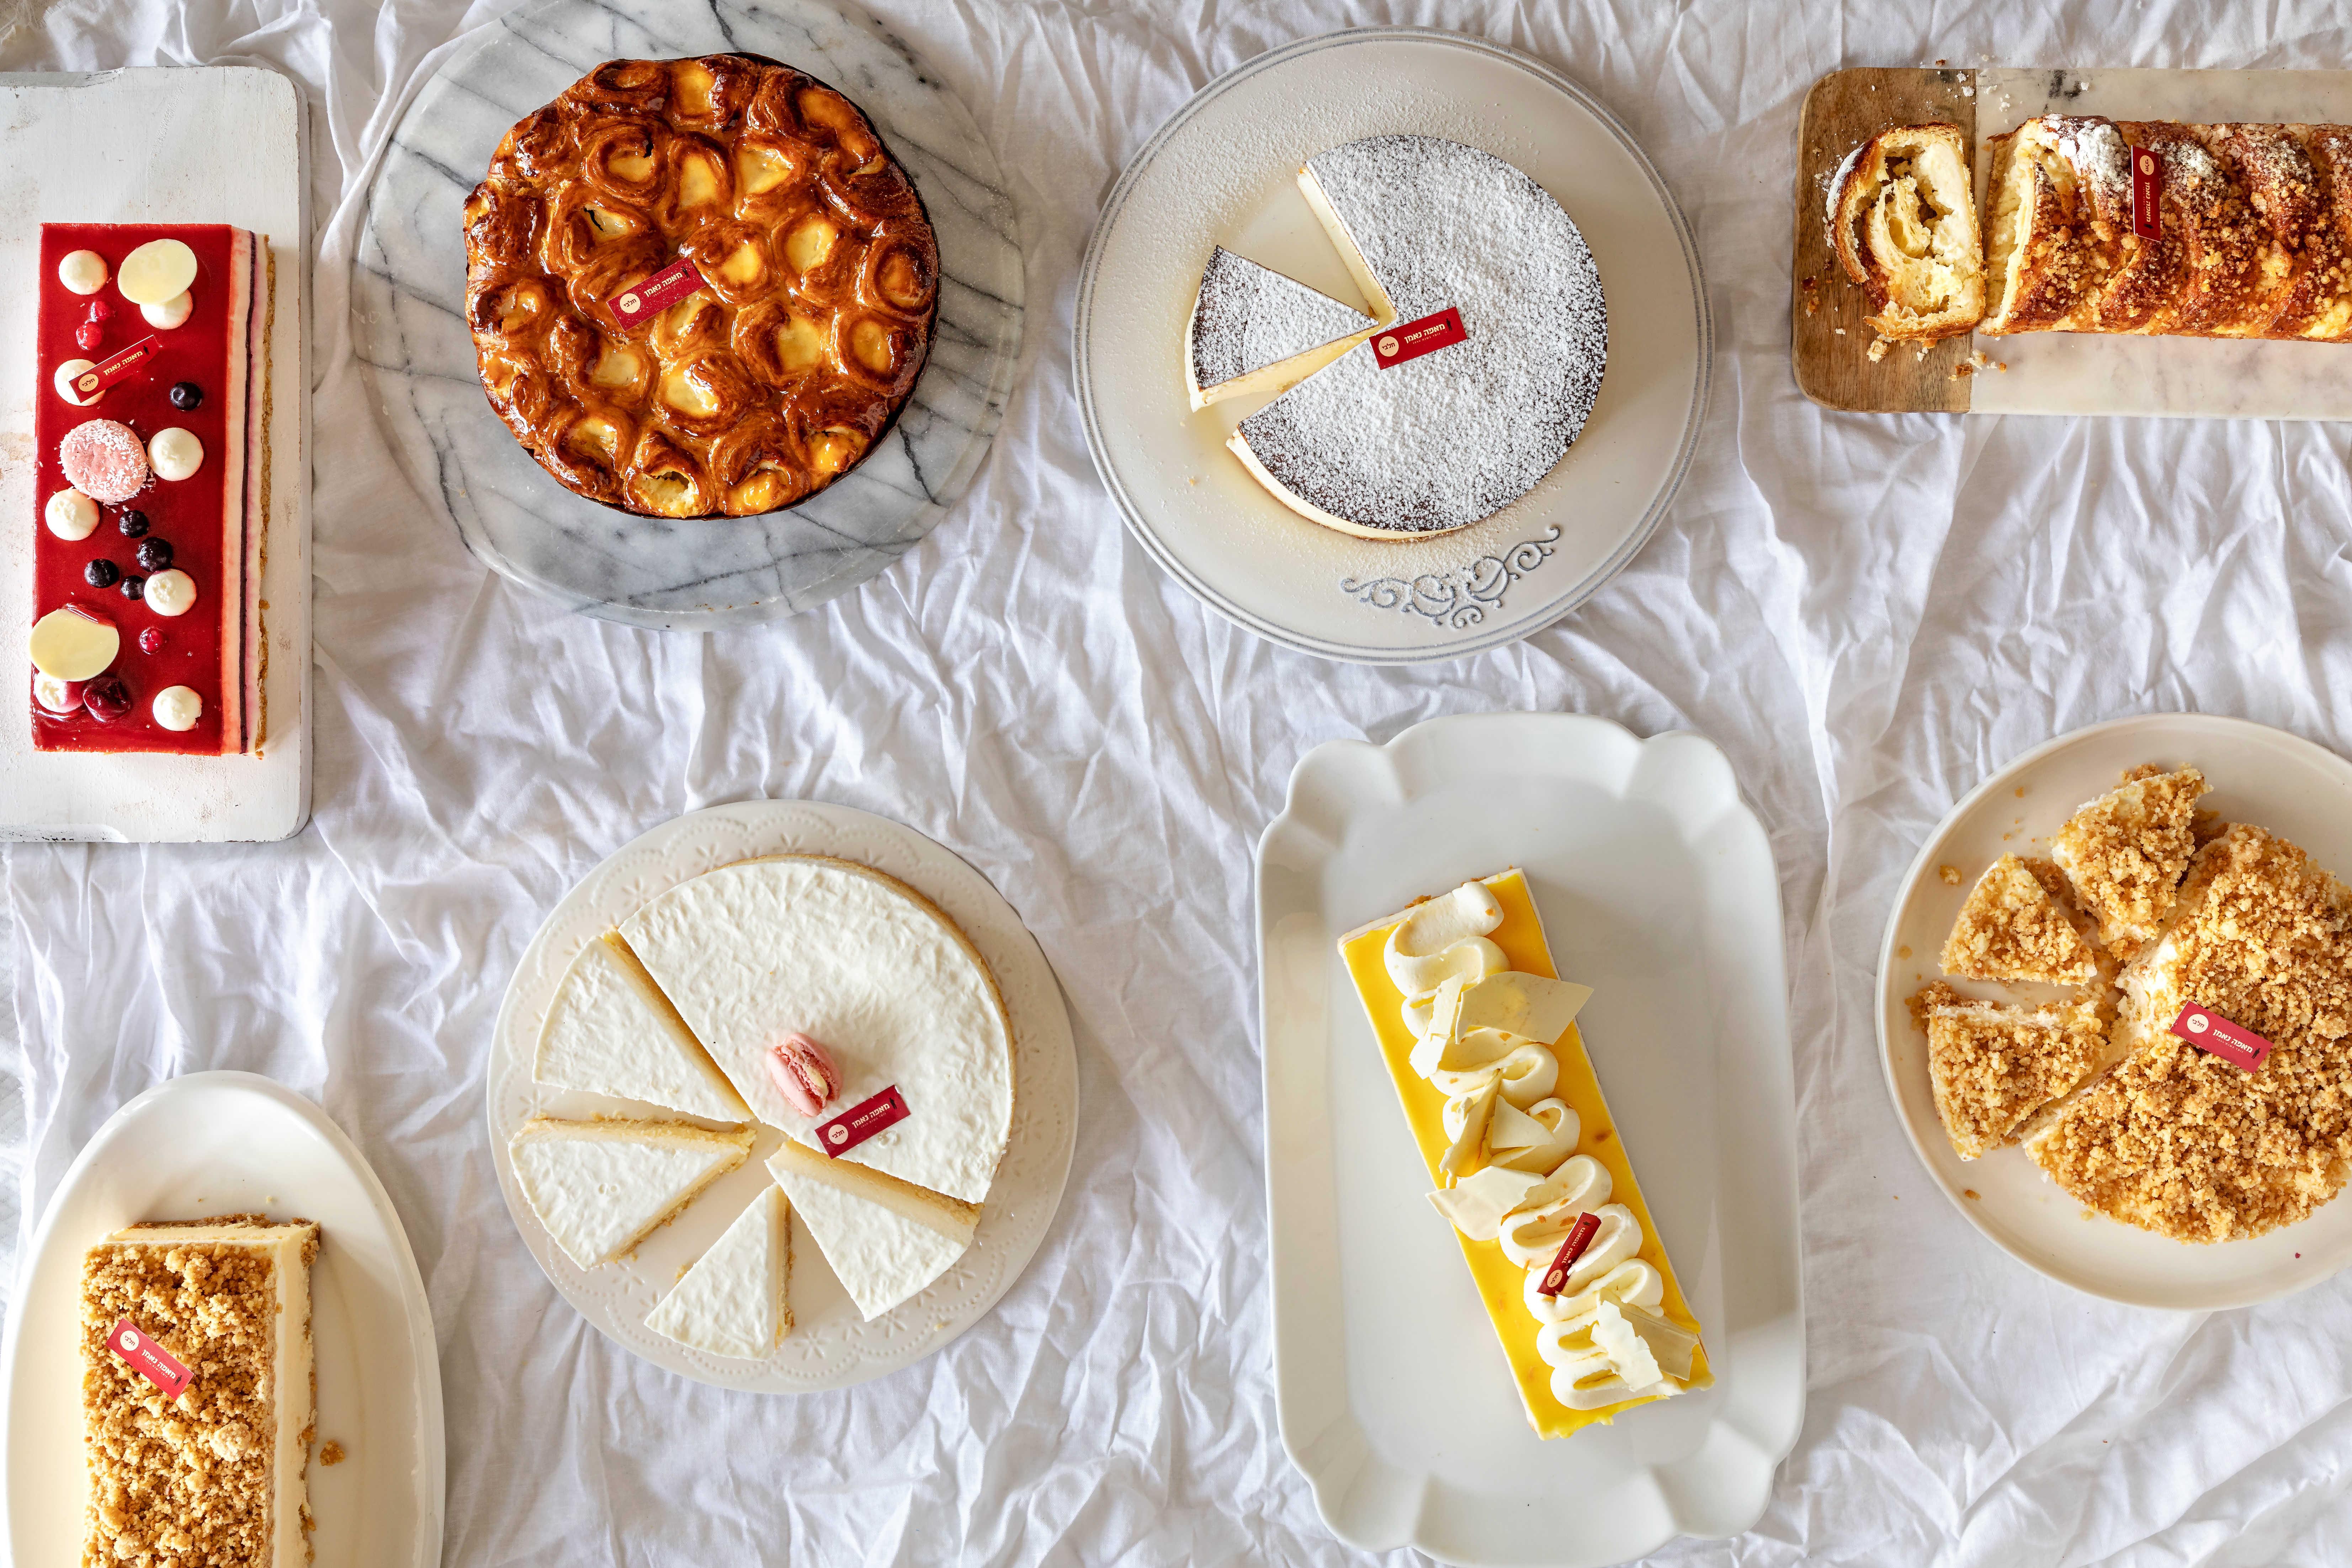 נאמן אופים לך את החג עם ליין חדש ומפתיע של עוגות גבינה